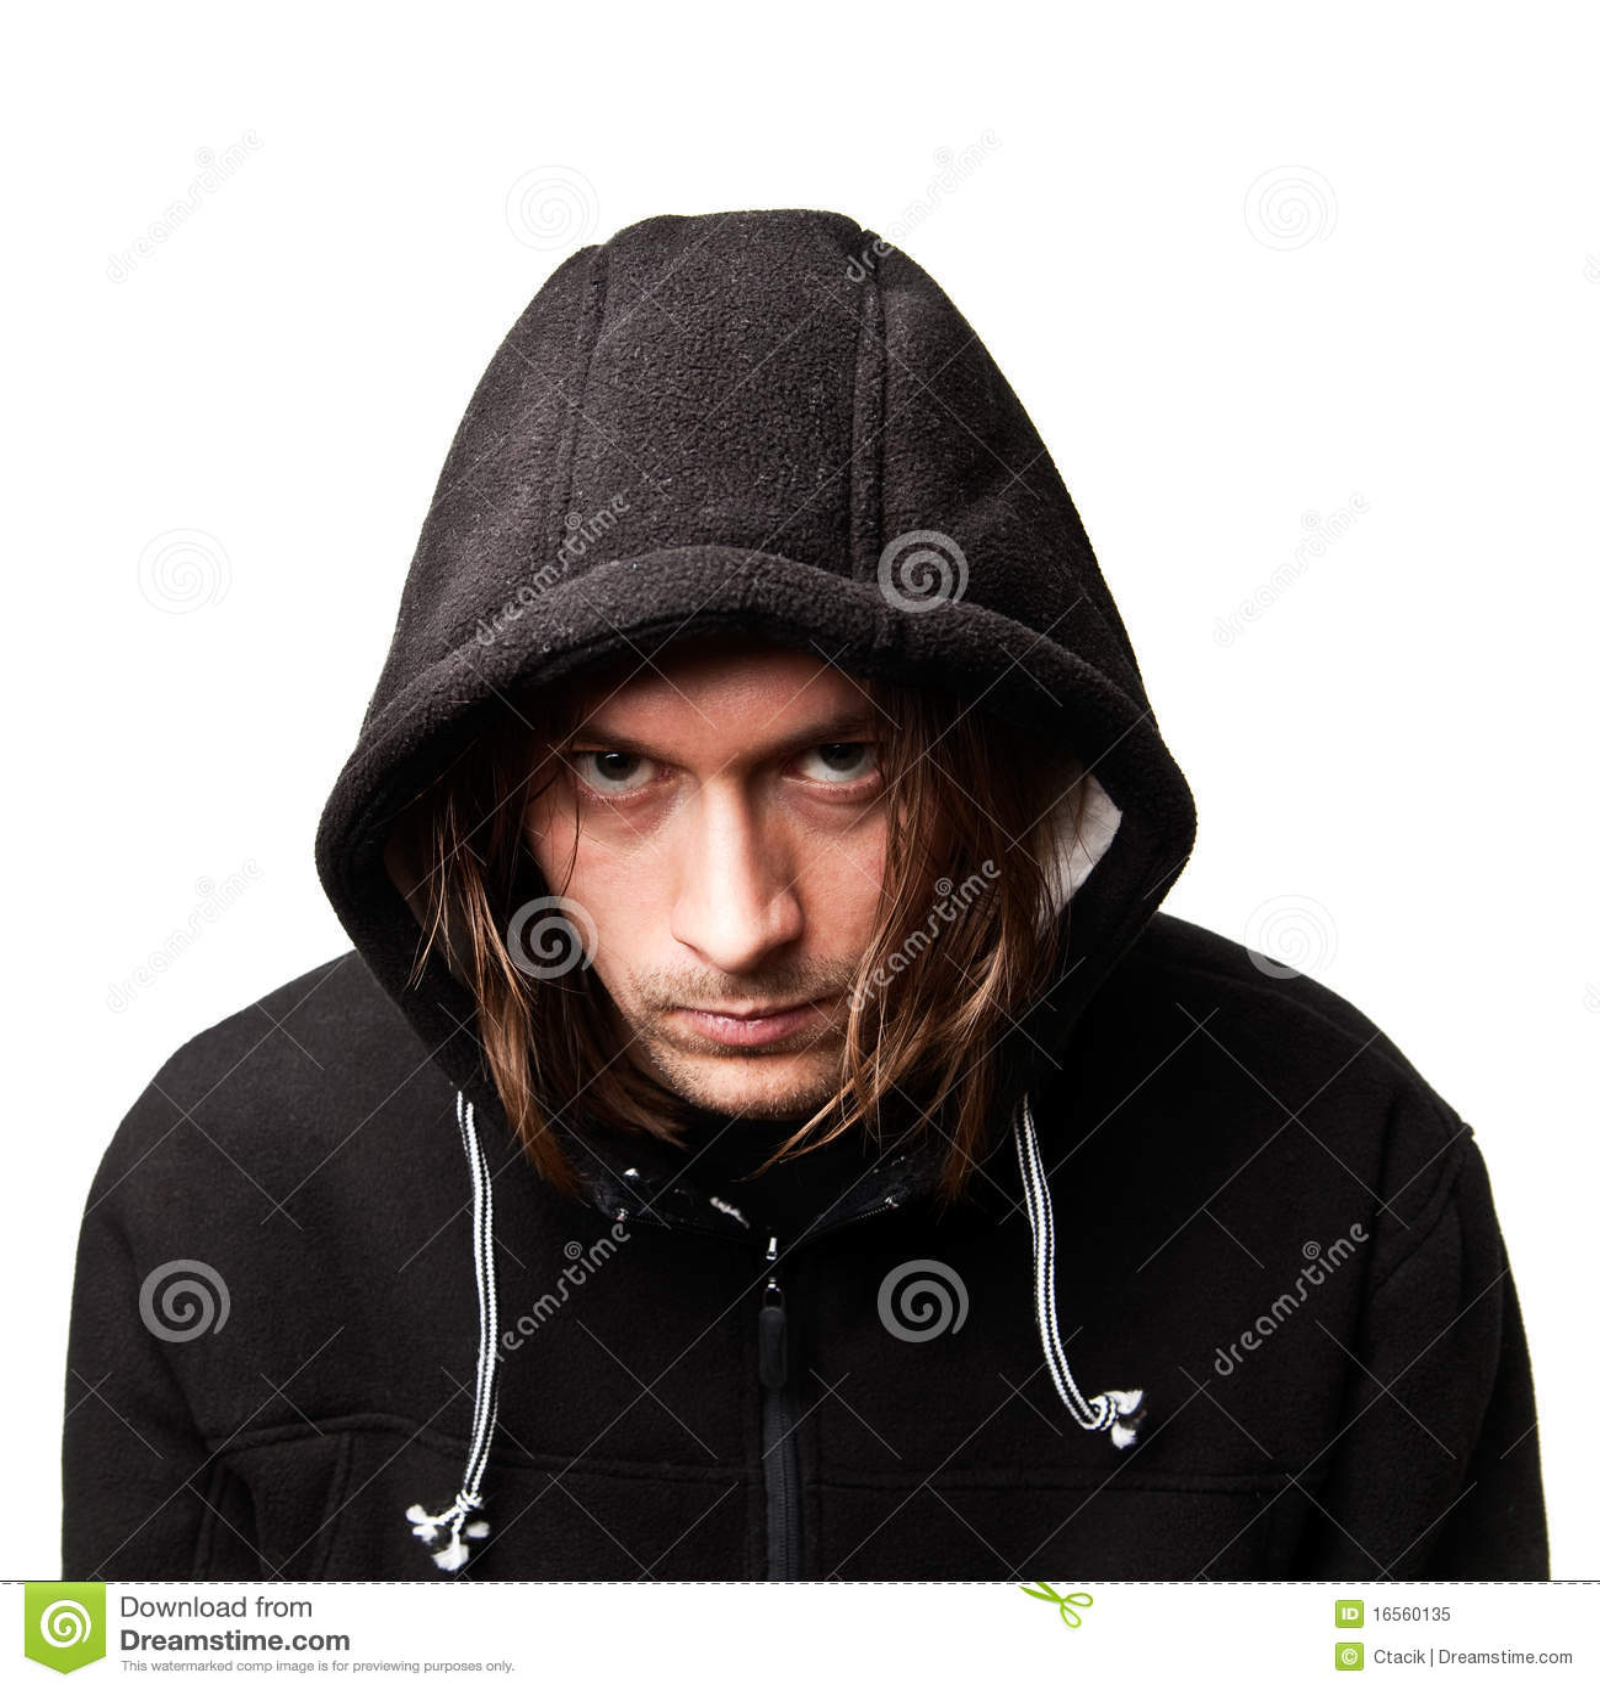 Guy in a hood